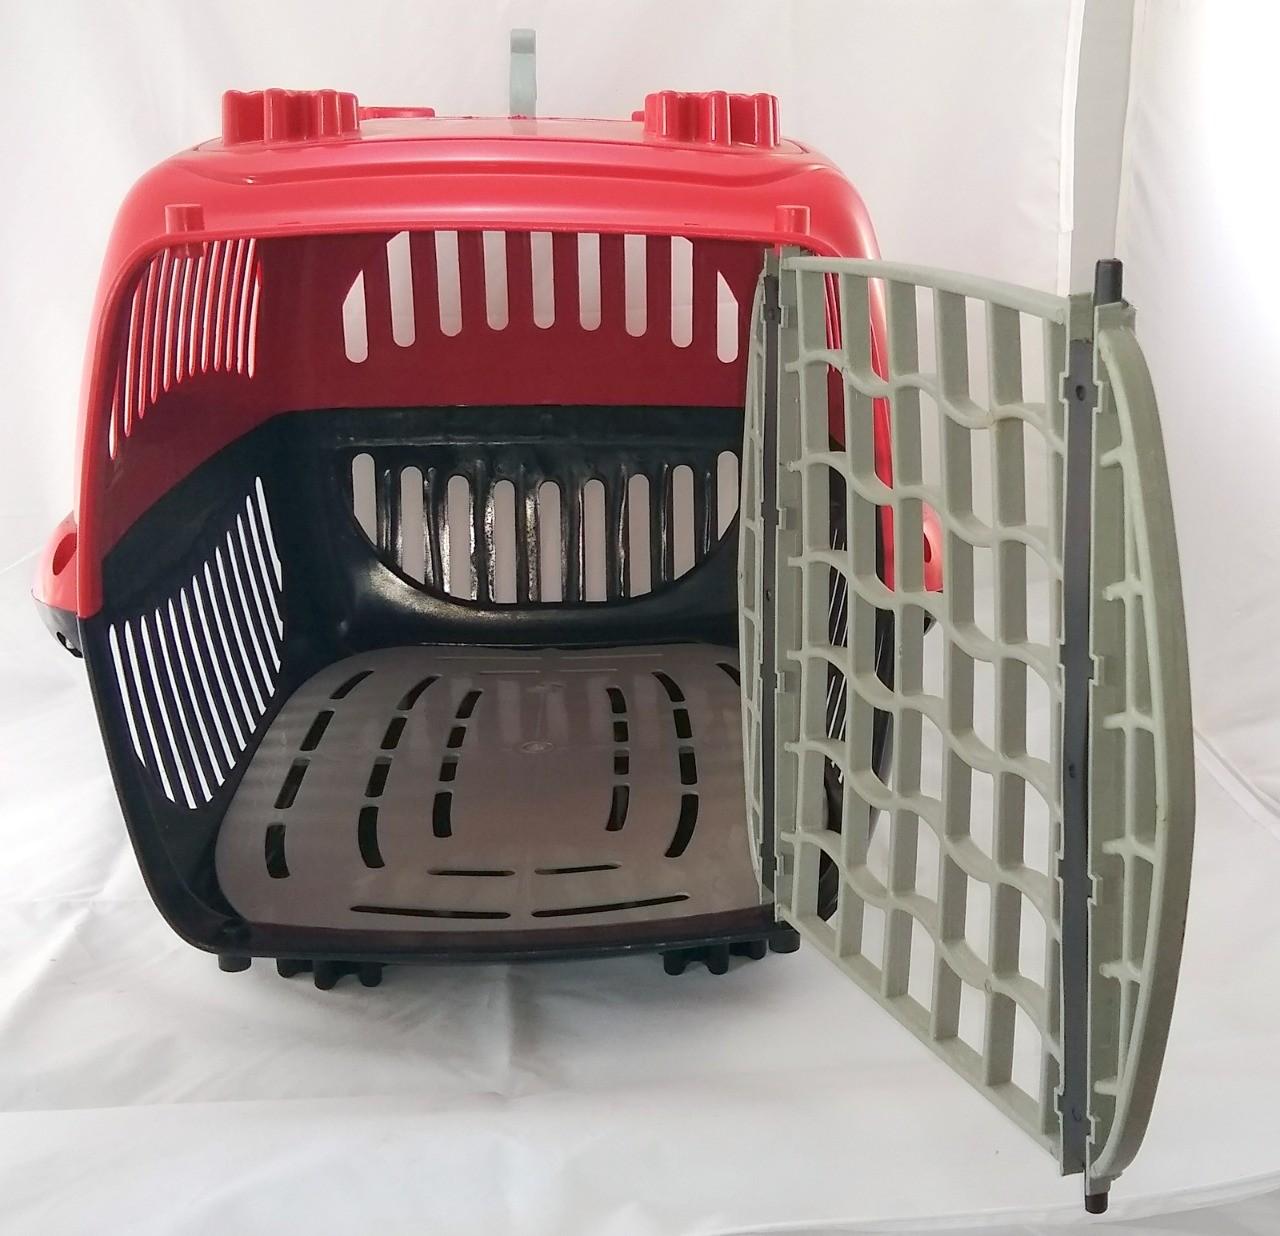 Caixa de Transporte Vermelha nº 1 Burdog